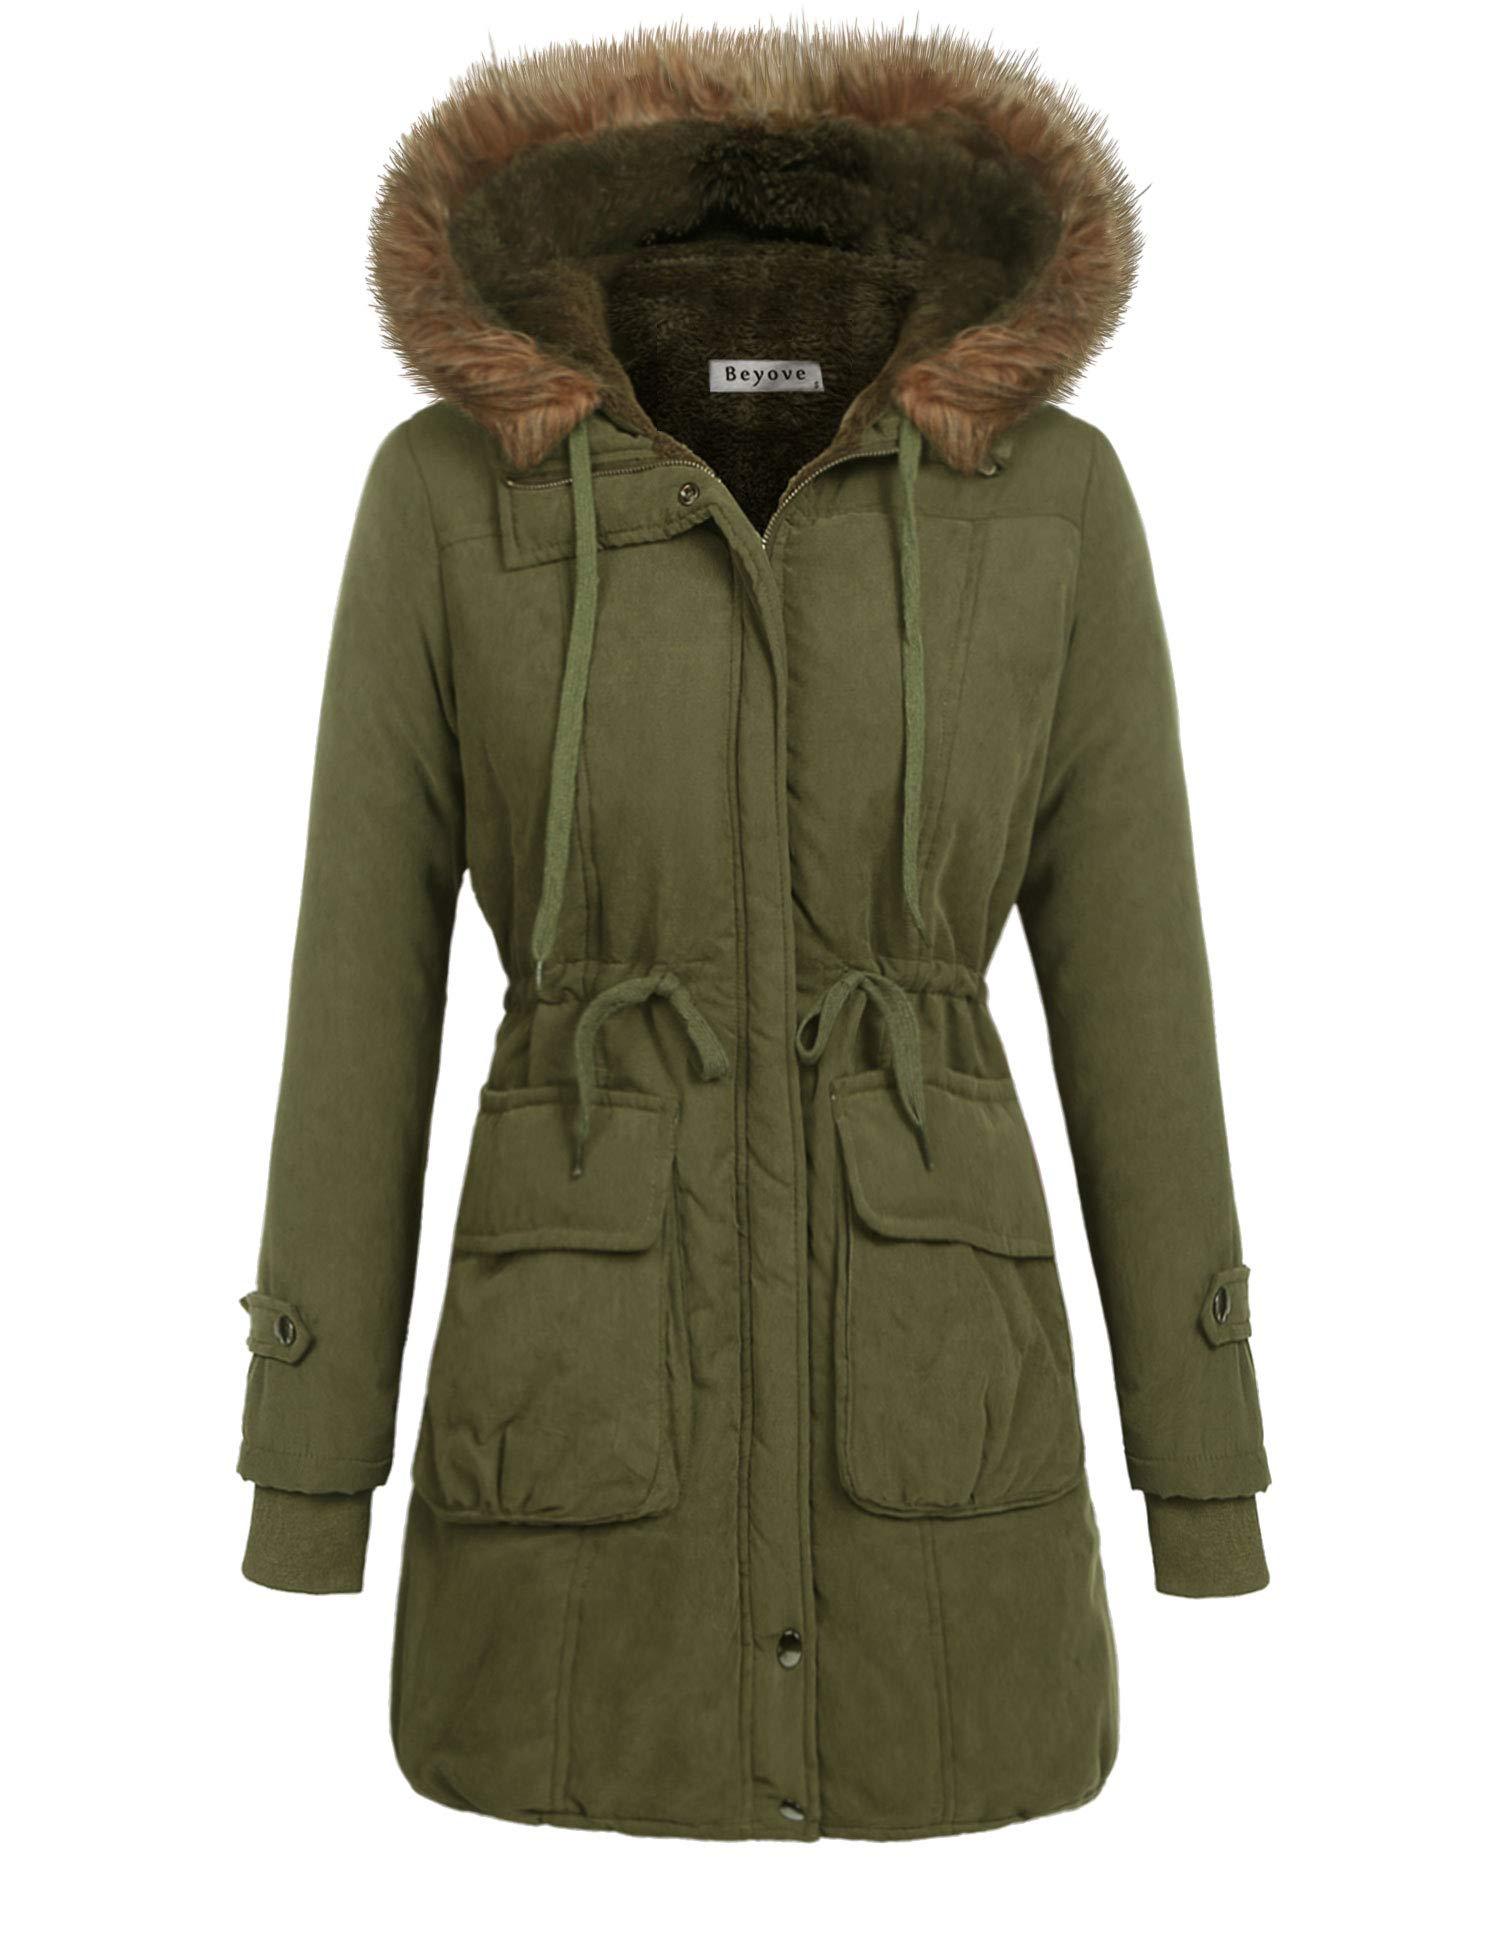 Beyove Women Winter Coats Military Hooded Warm Faux Fur Lined Jacket Parka Anroak Long Coats S-XXL